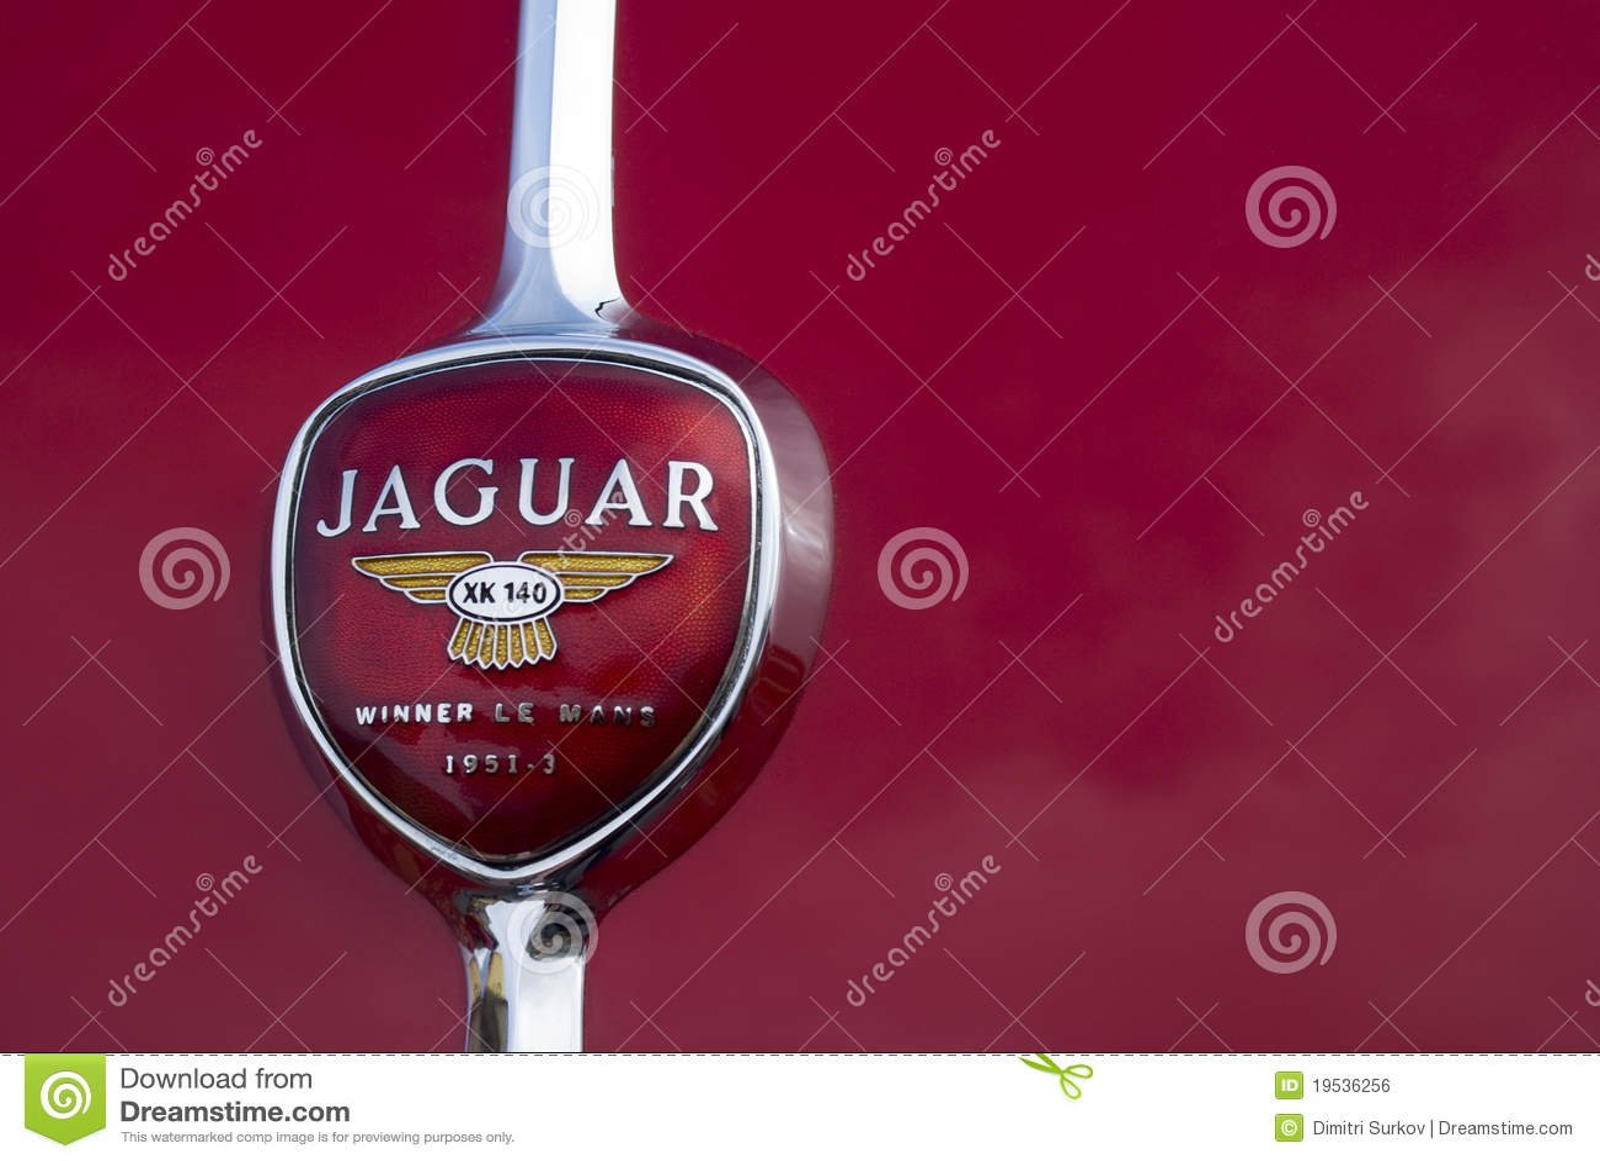 old jaguar car logo stock photos download 81 images